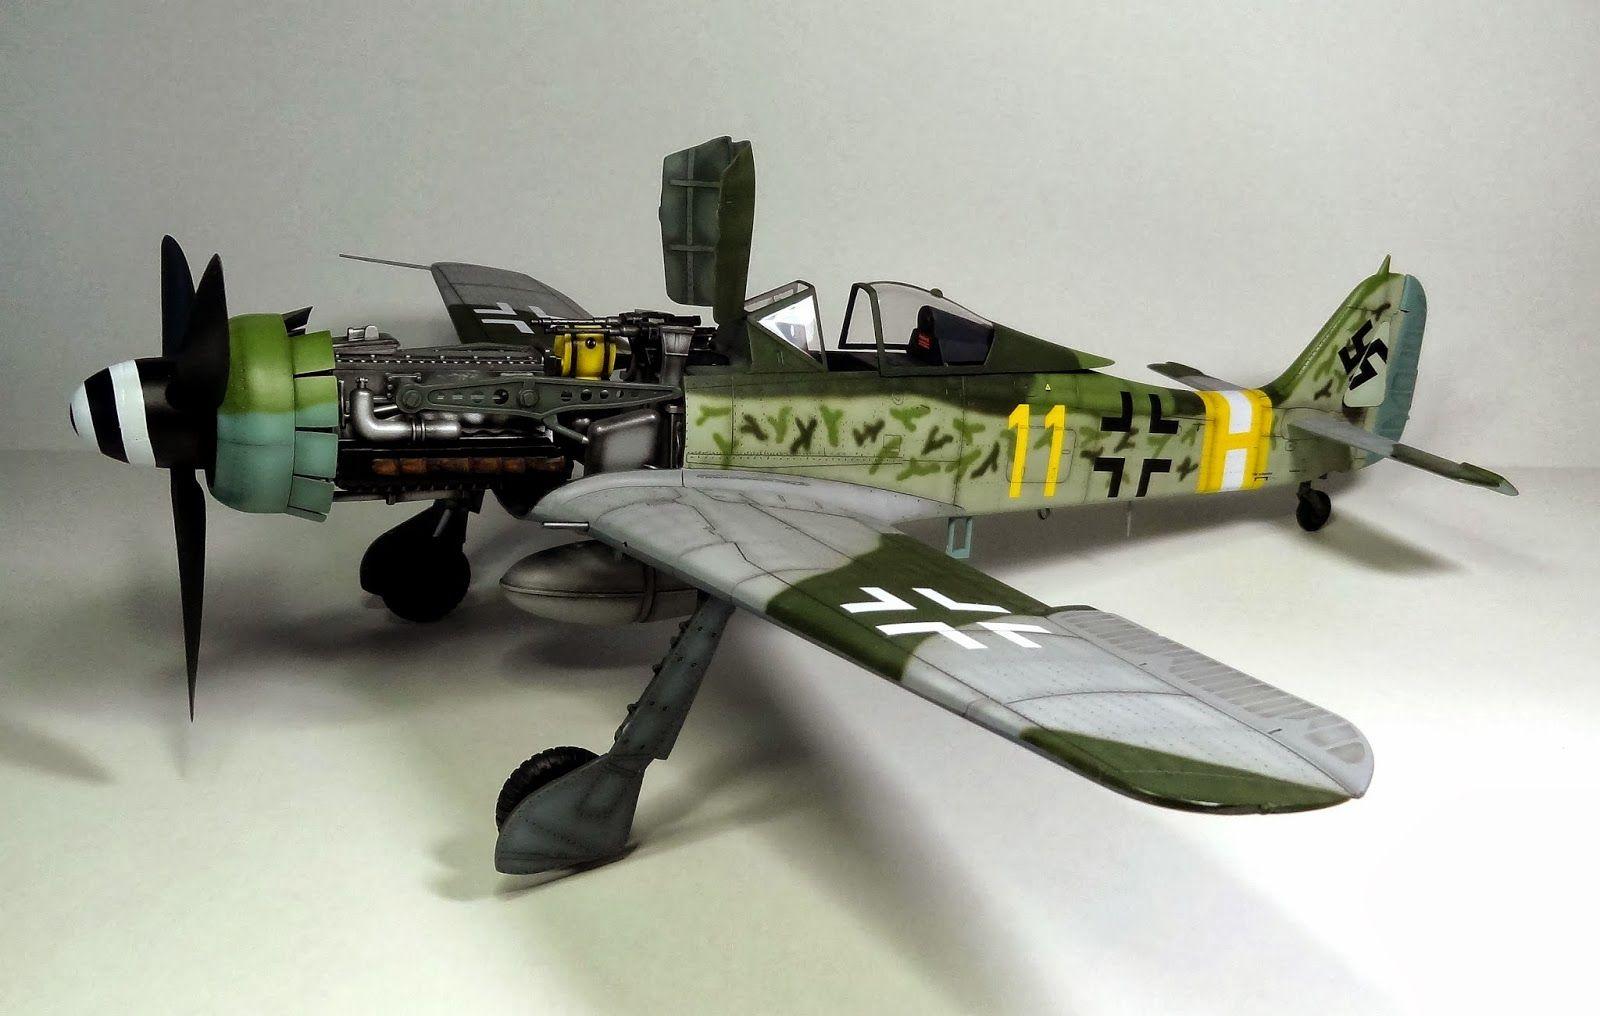 WW2 Focke Wulf Fw 190D-9 Model Aircraft 1//72 Aircraft